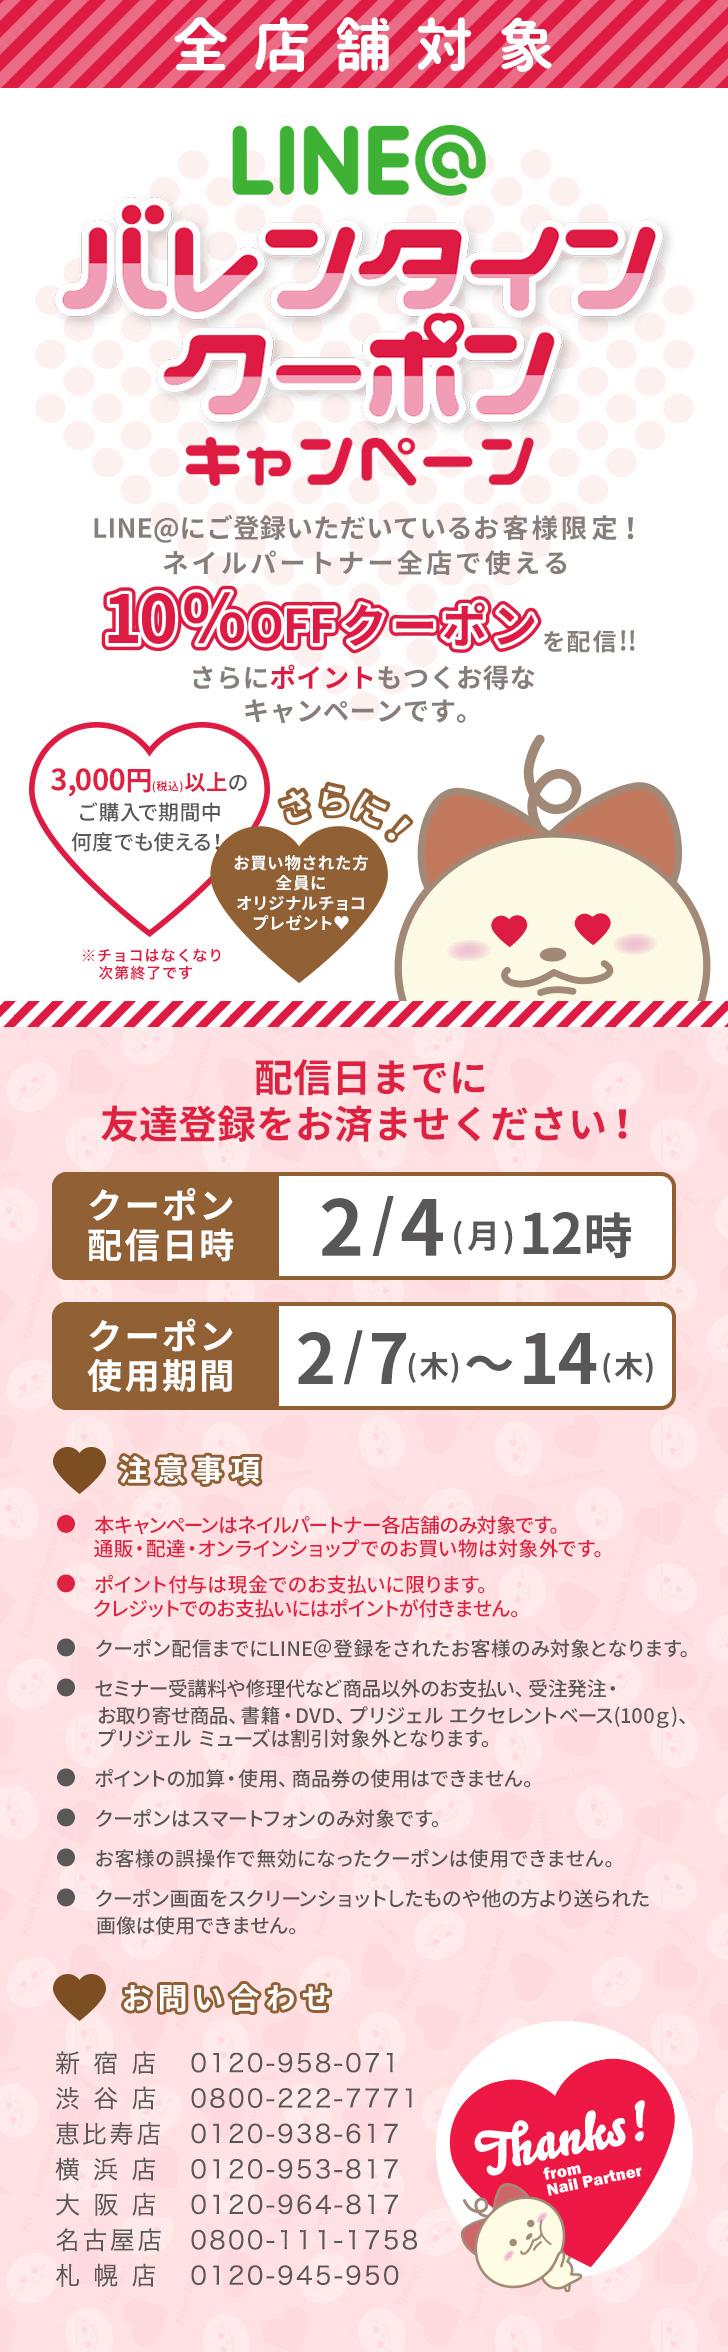 【全店舗限定】LINE@バレンタインクーポンキャンペーン